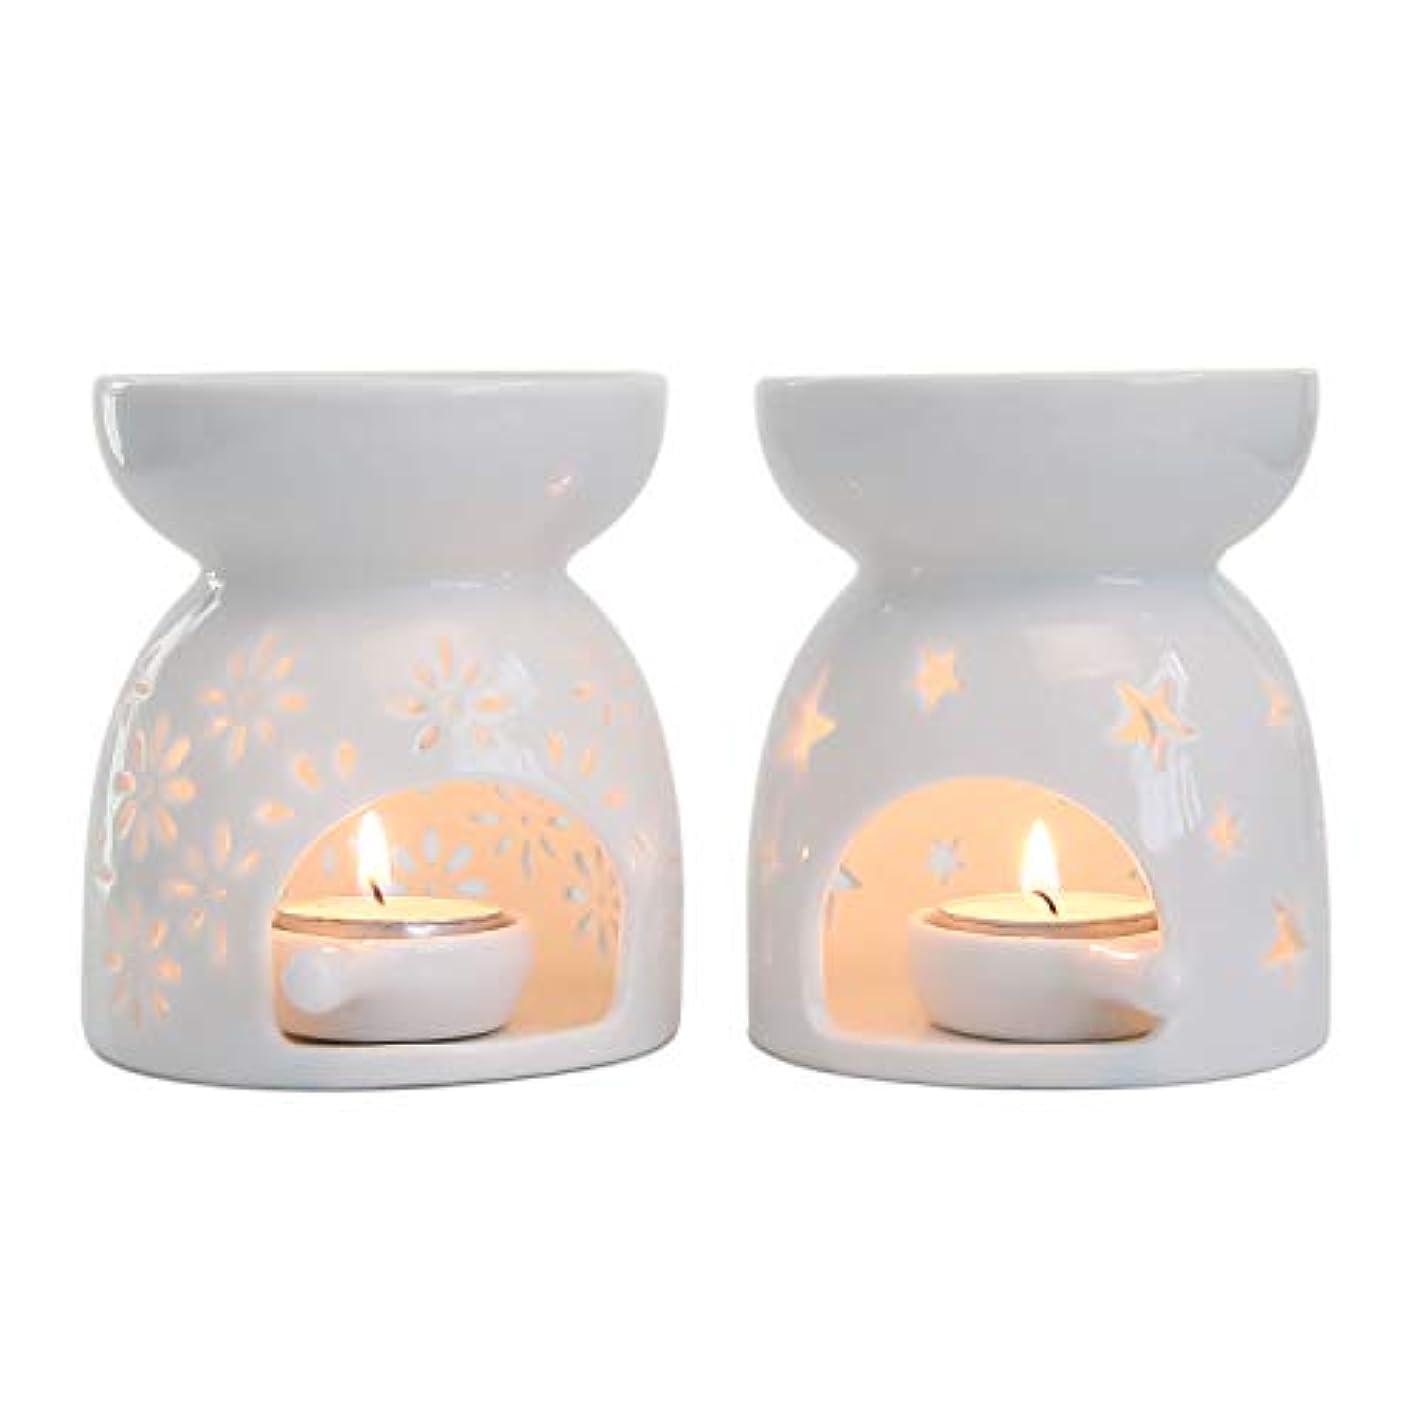 メーカー歩道資金Rachel's Choice 陶製 アロマ ランプ ディフューザー アロマキャンドル キャンドルホルダー 花形&星形 ホワイト 2点セット